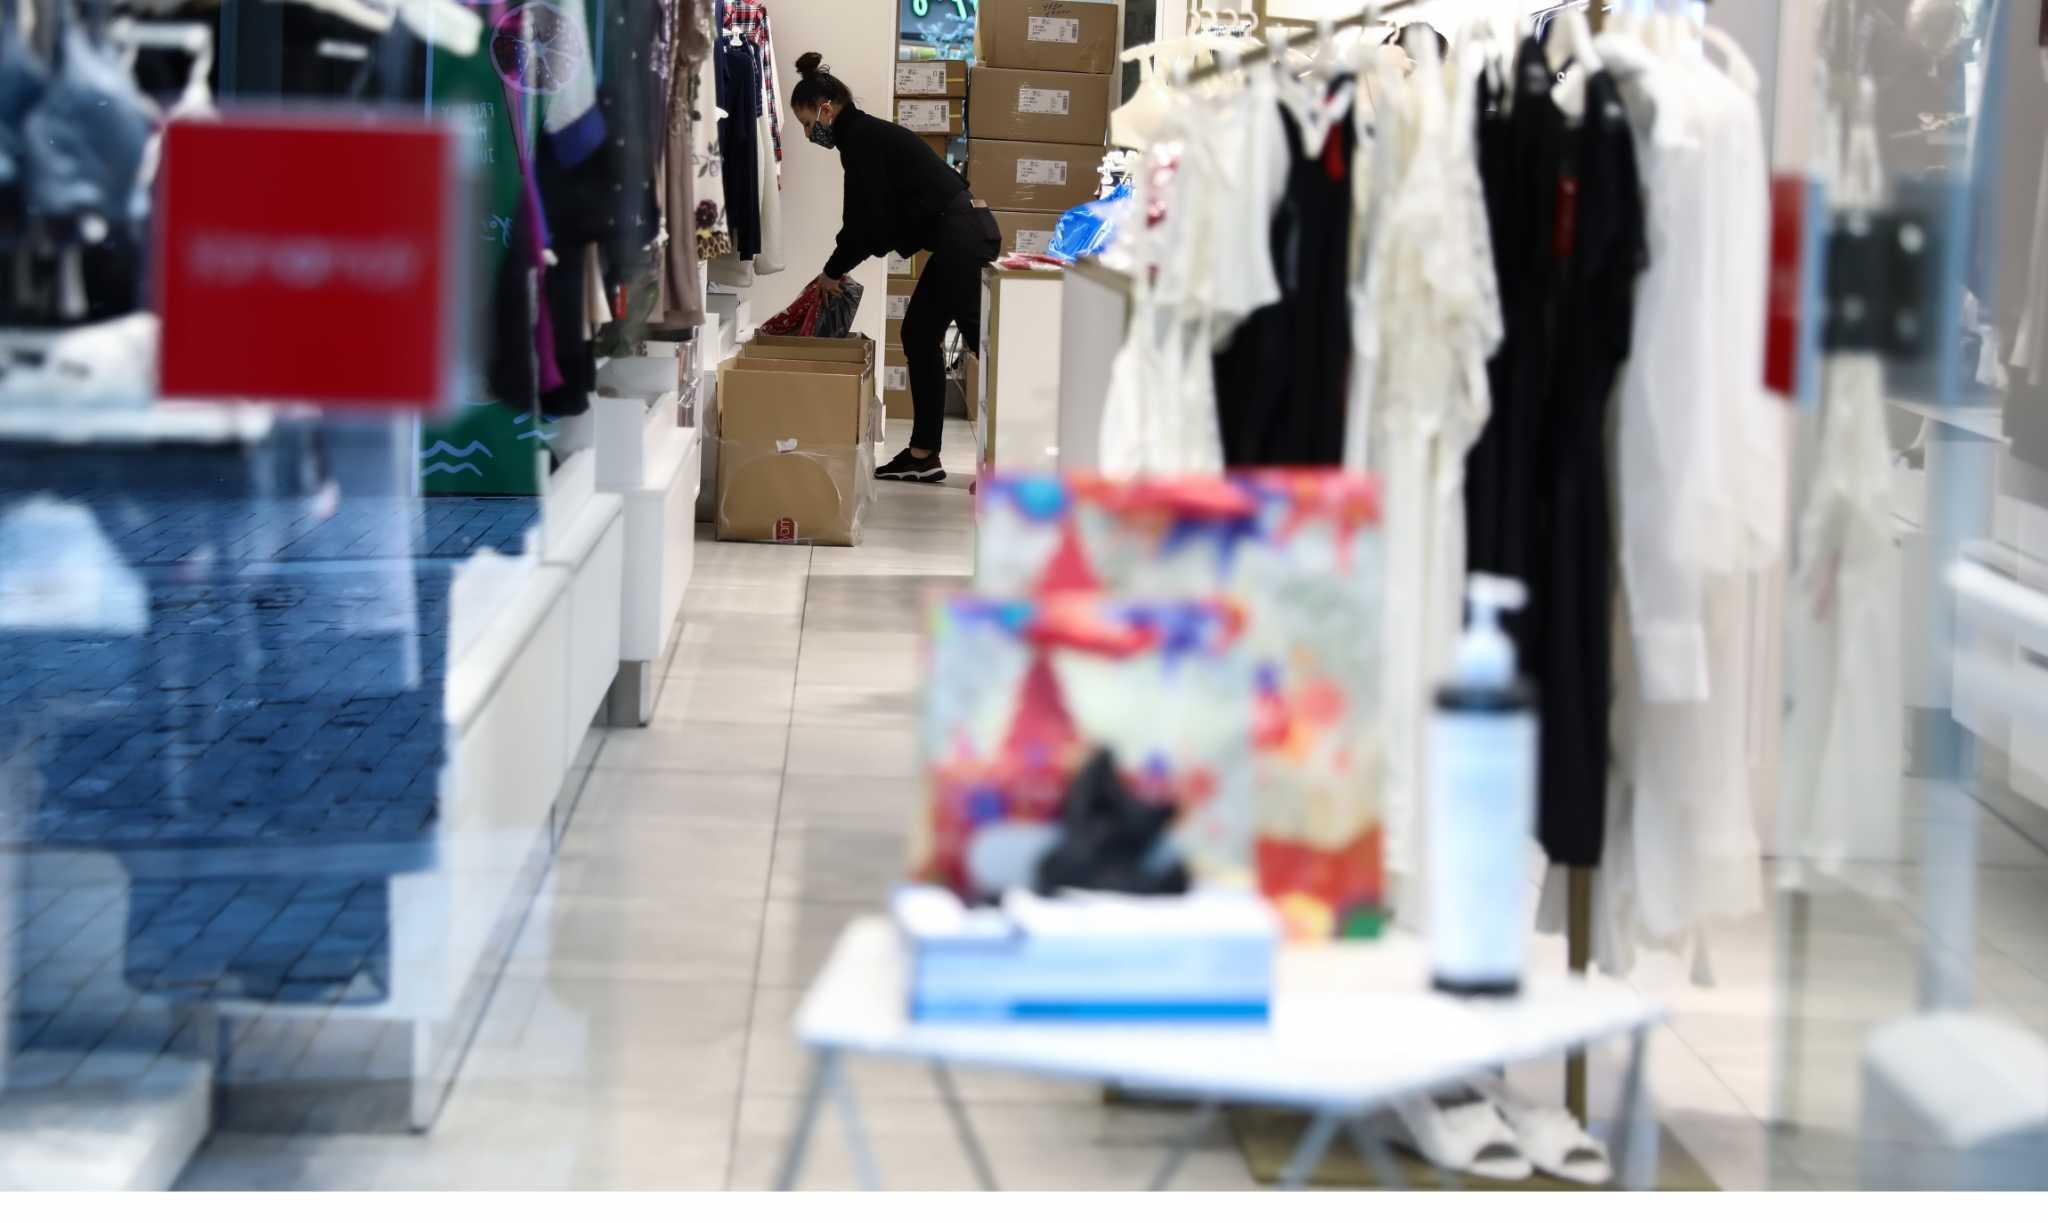 Ανοίγουν με όρους τα καταστήματα – Θα ψωνίζουμε με ραντεβού και μόνο στην περιοχή μας